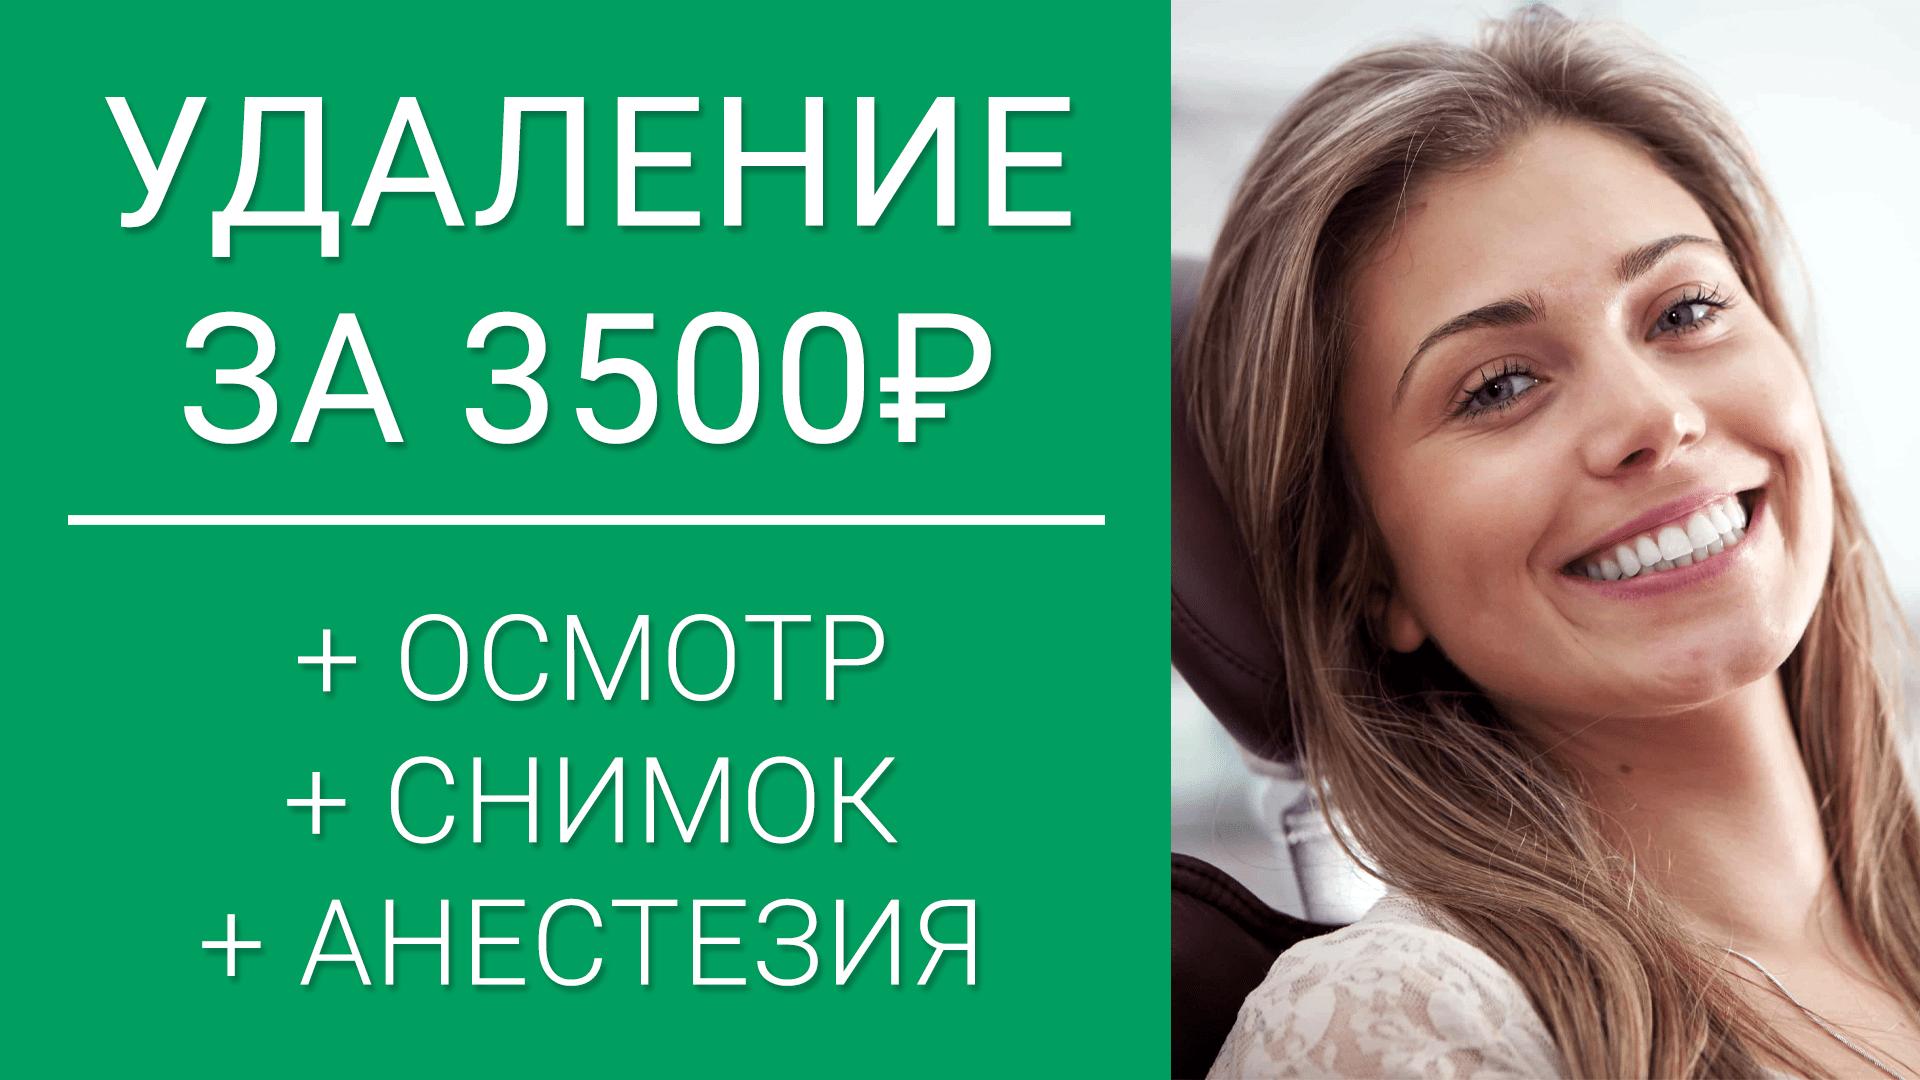 Простое удаление зуба 3500 руб. под ключ. в клиниках на м. Тропарево и м. Профсоюзная!